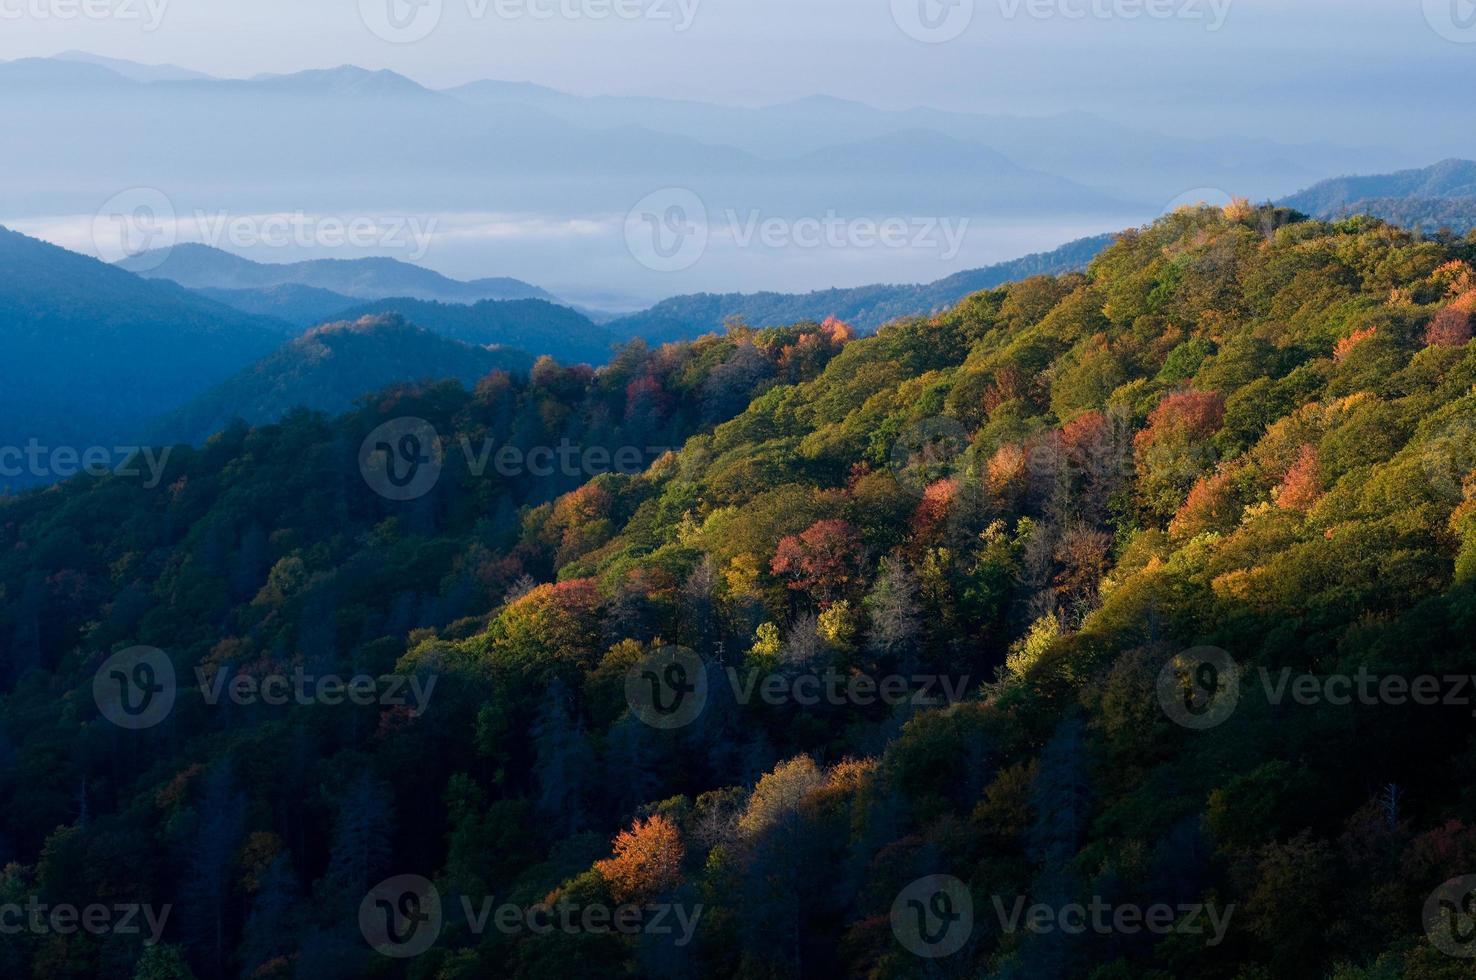 parco nazionale delle montagne fumose foto